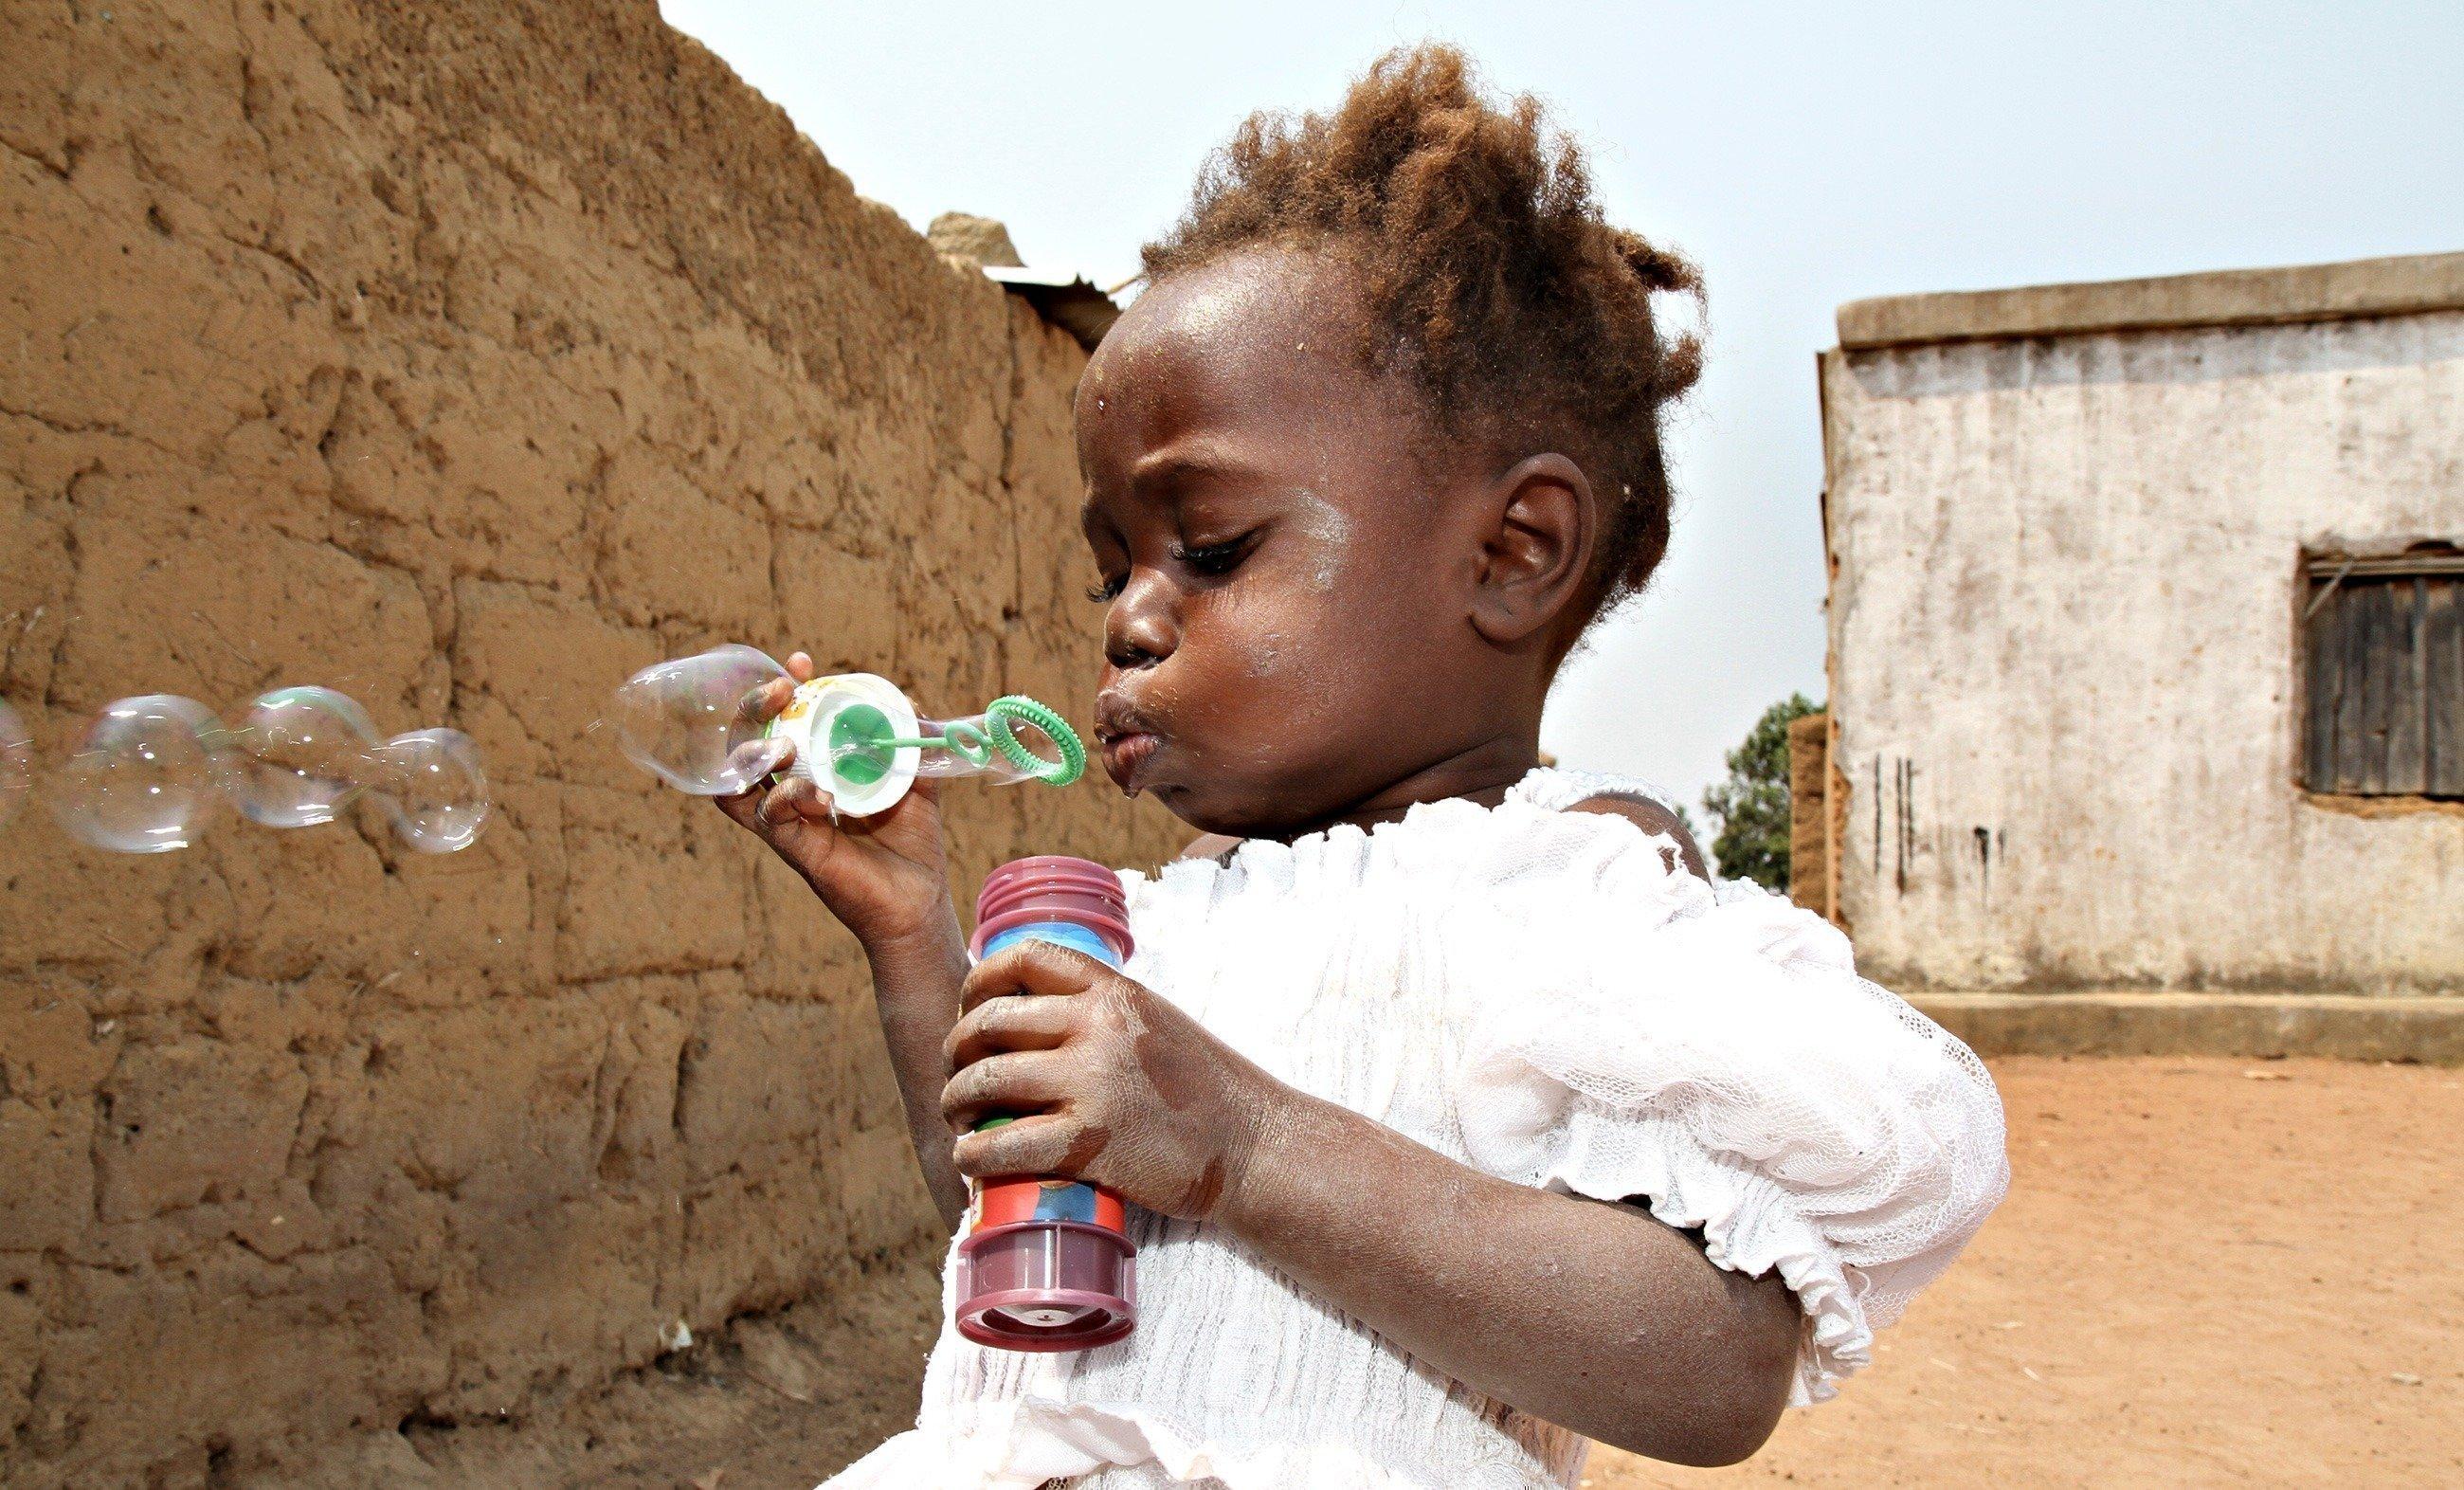 Ein kleines Mädchen mit einem weißen Kleid spielt mit Seifenblasen.